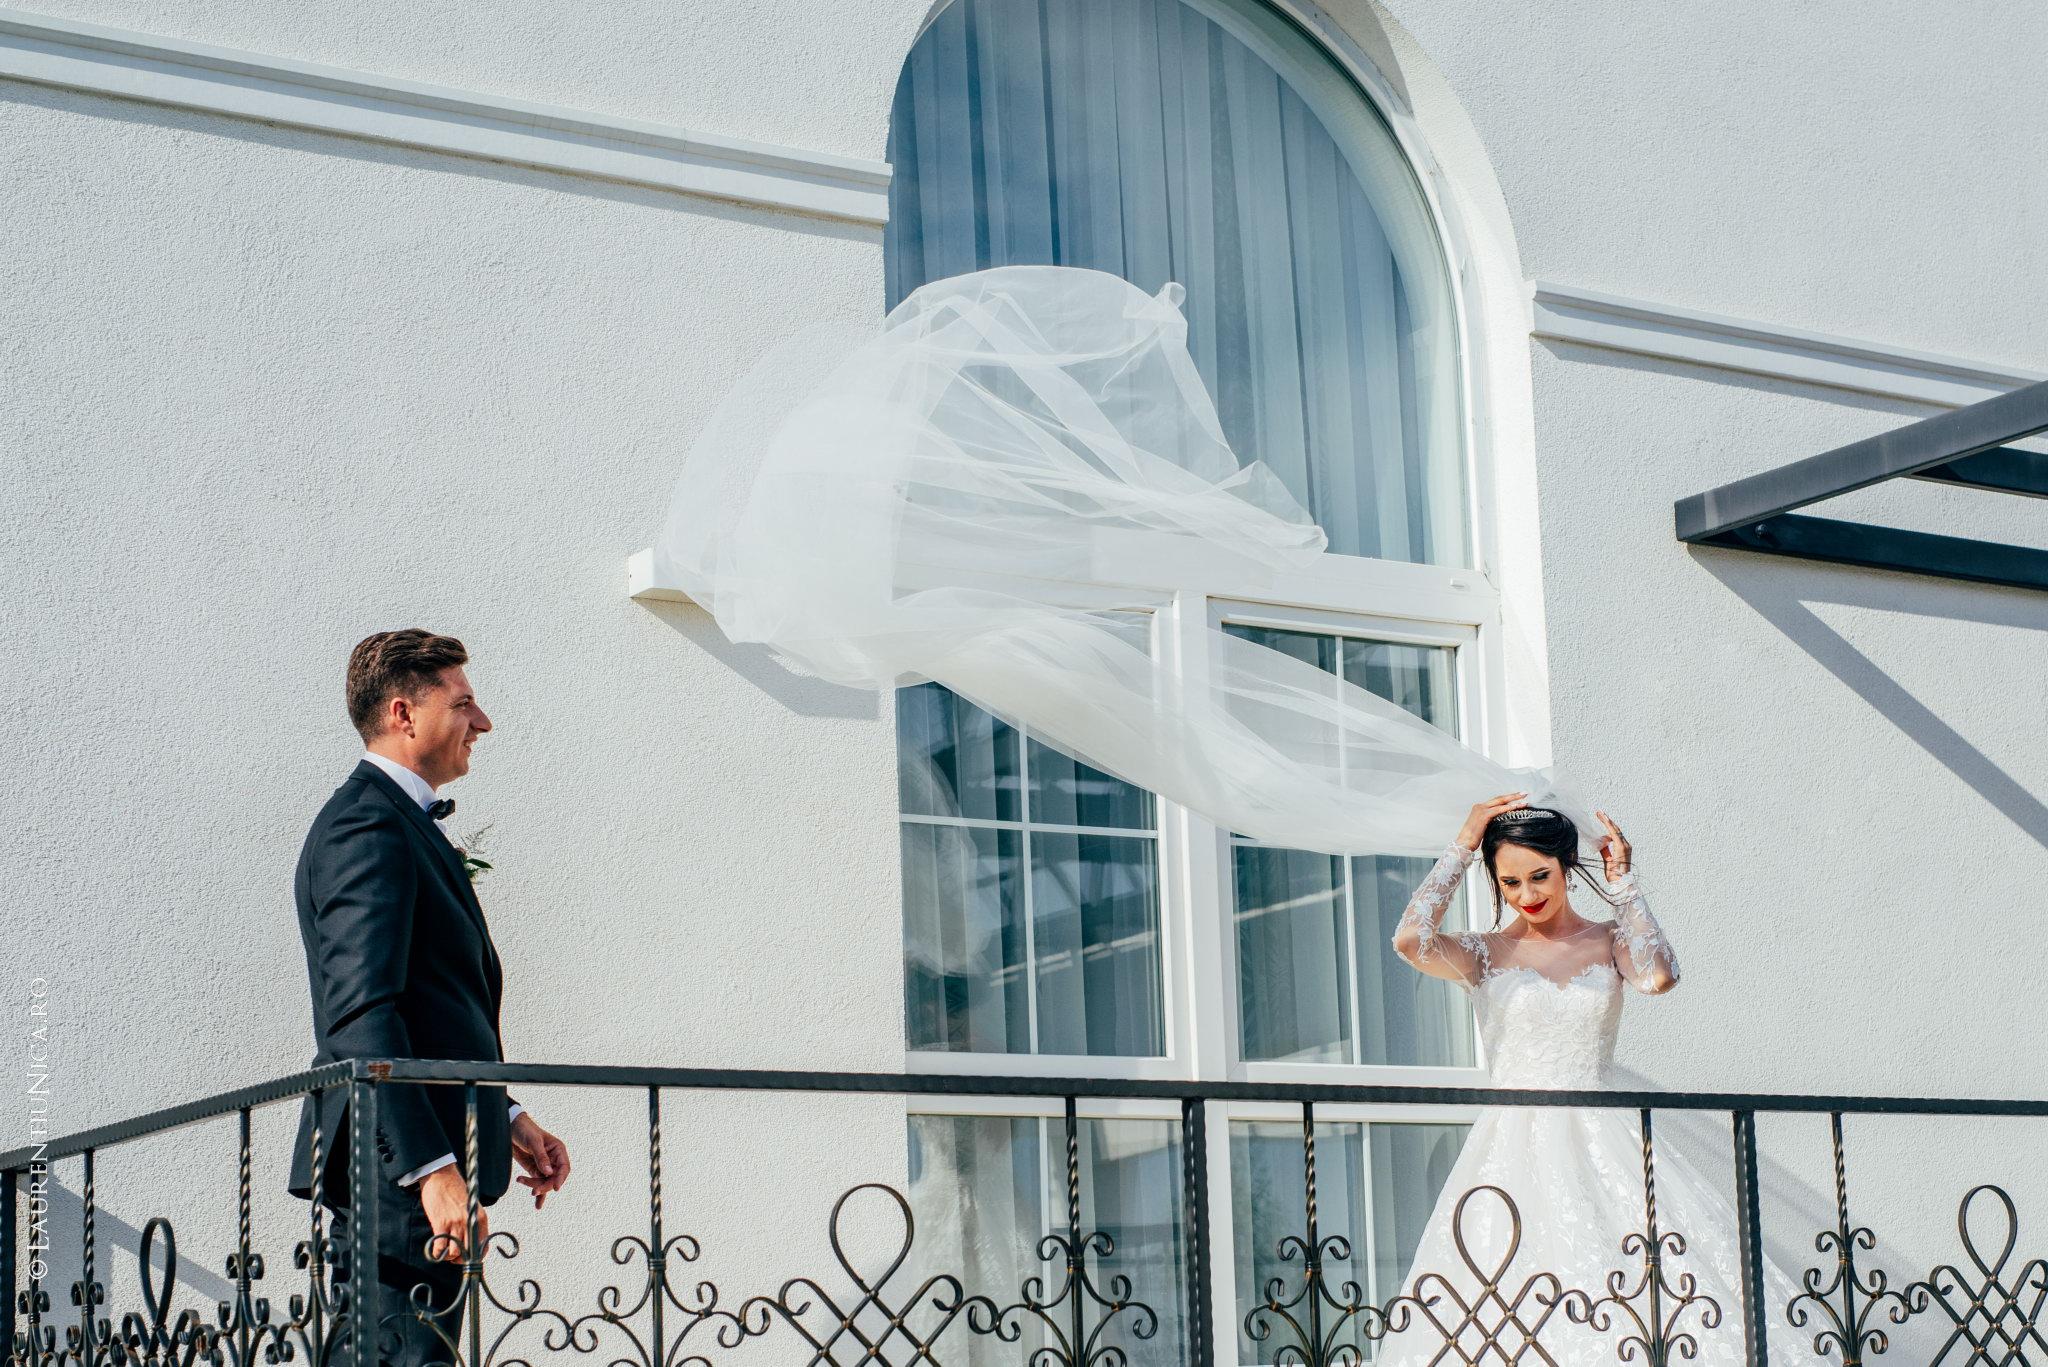 fotografii nunta denisa si florin craiova 33 - Denisa & Florin | Fotografii nunta | Craiova